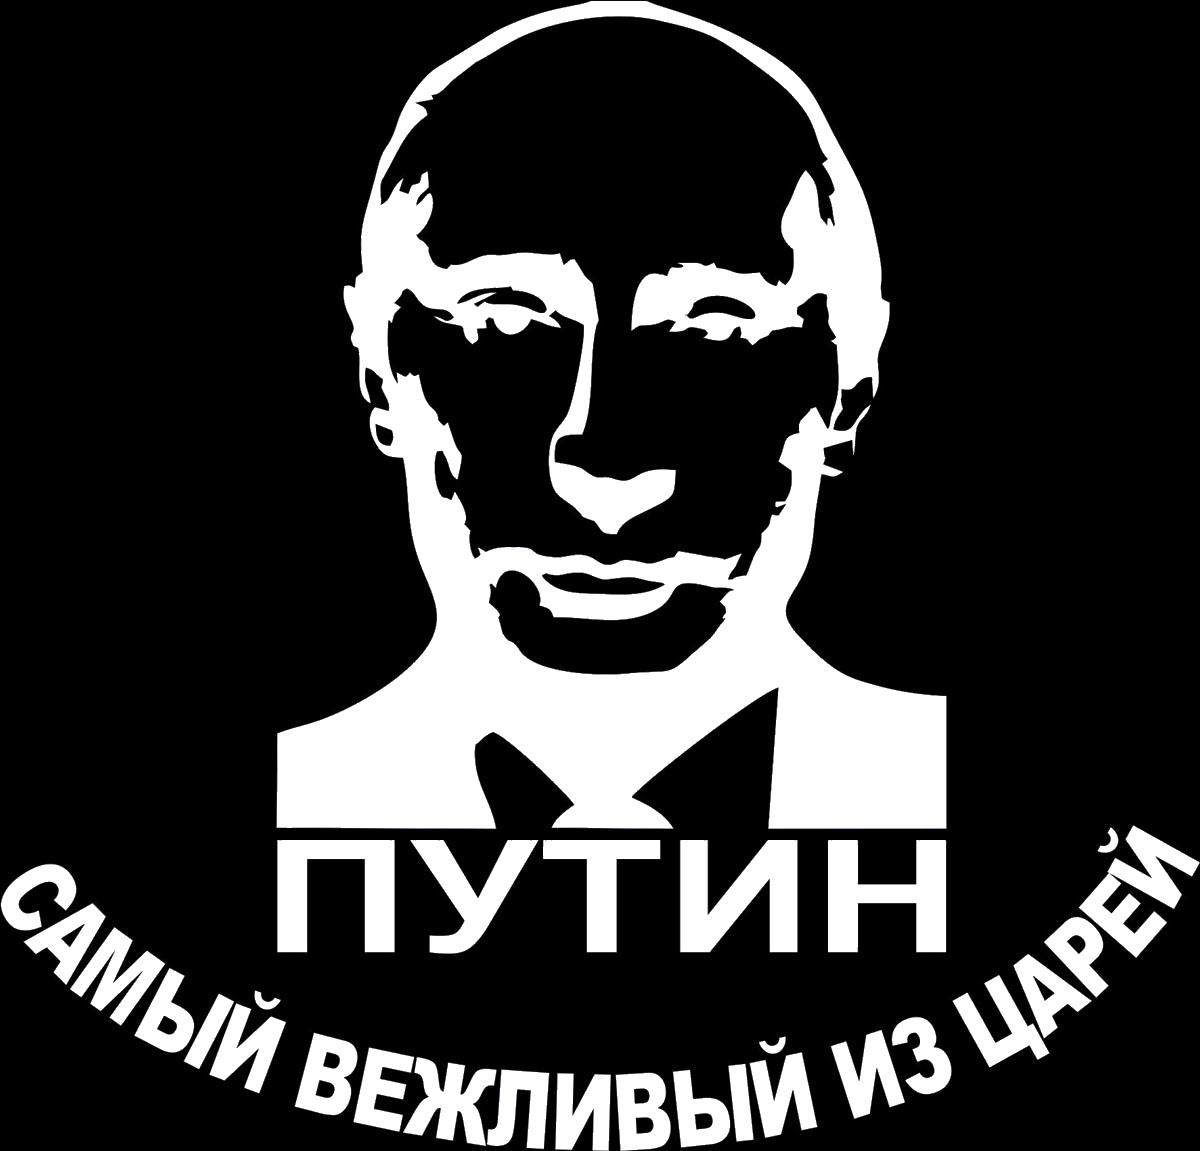 Наклейка автомобильная Оранжевый слоник Путин, виниловая, цвет: белый150PT0004WОригинальная наклейка Оранжевый слоник Путин изготовлена из долговечного винила, который выполняет не только декоративную функцию, но и защищает кузов от небольших механических повреждений, либо скрывает уже существующие. Виниловые наклейки на авто - это не только красиво, но еще и быстро! Всего за несколько минут вы можете полностью преобразить свой автомобиль, сделать его ярким, необычным, особенным и неповторимым!